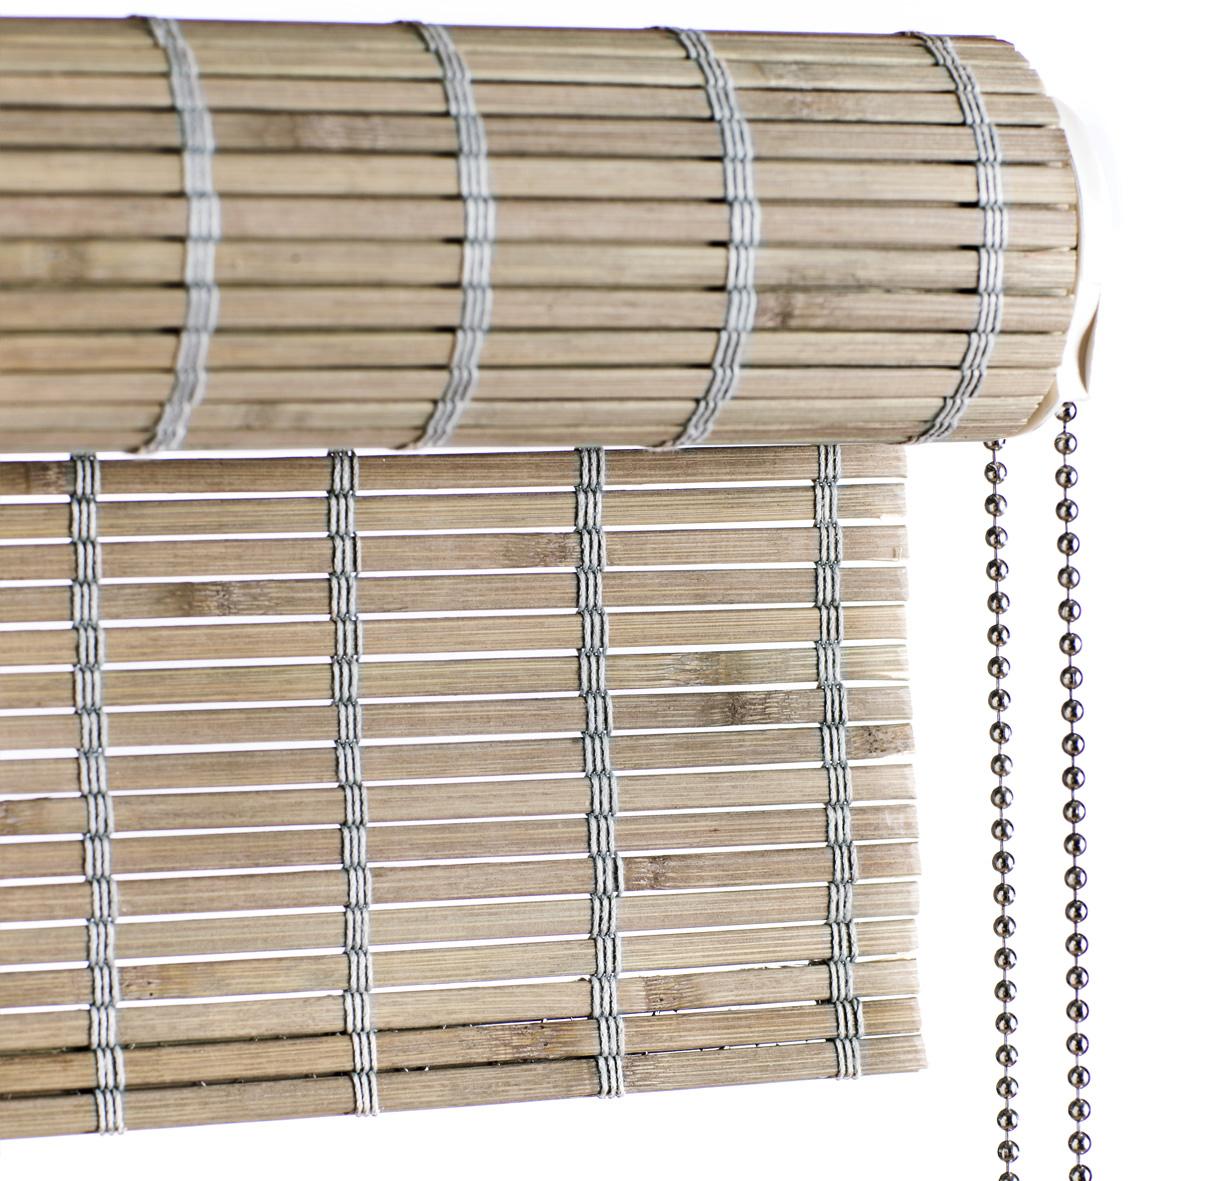 Tidsmæssigt Gråt bambus rullegardin med kædetræk - Laves efter mål RZ-21